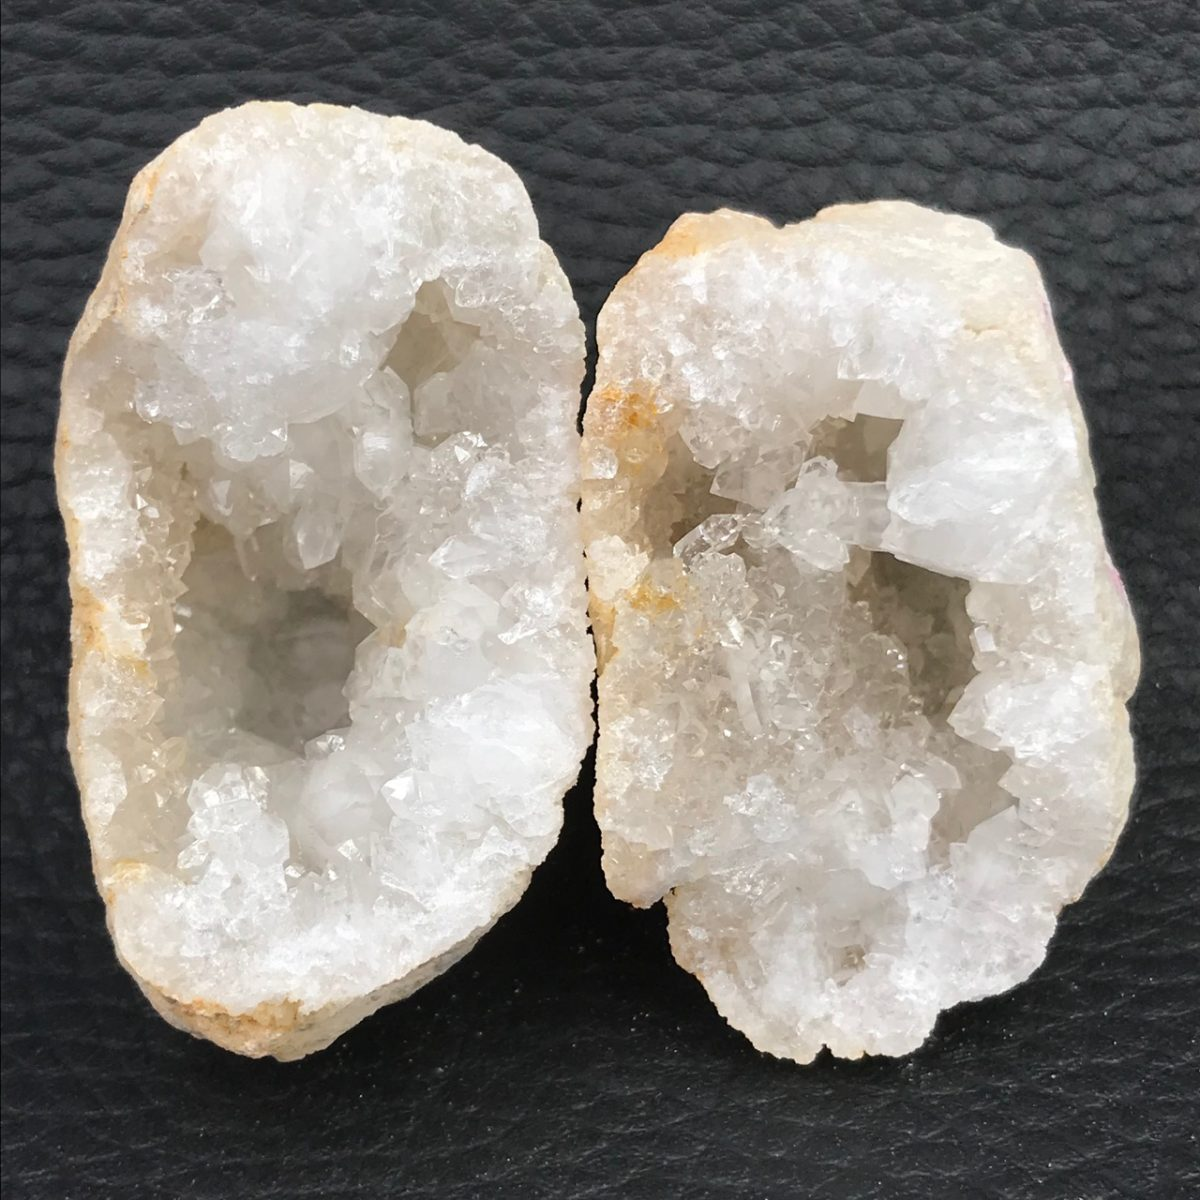 géode-cristal-de-roche